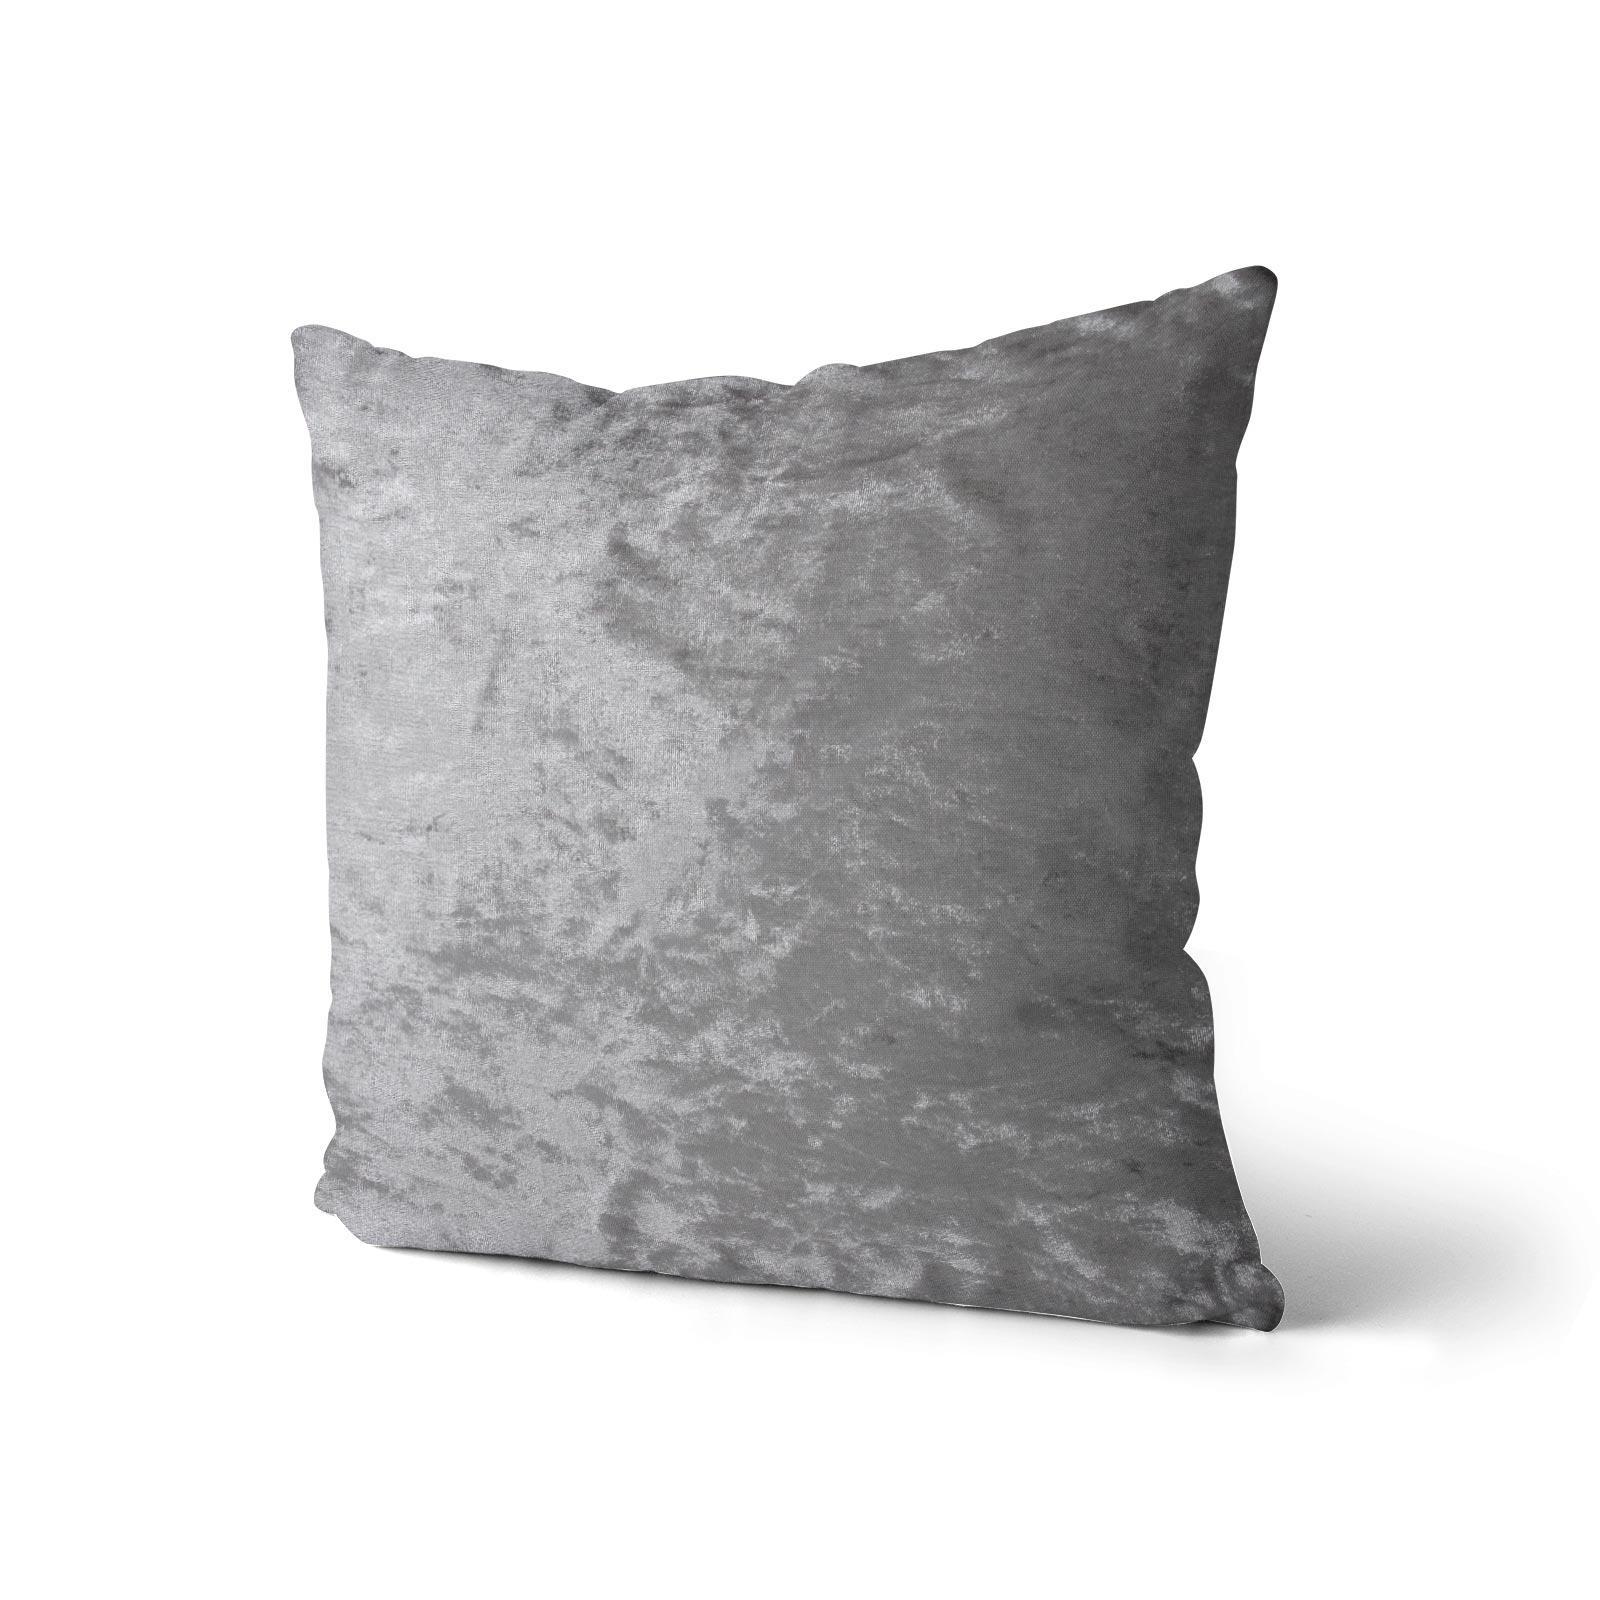 Cuscino-di-velluto-schiacciato-copre-GLAM-Tinta-Unita-Copricuscino-18-034-x-18-034-45cm-x-45cm miniatura 5